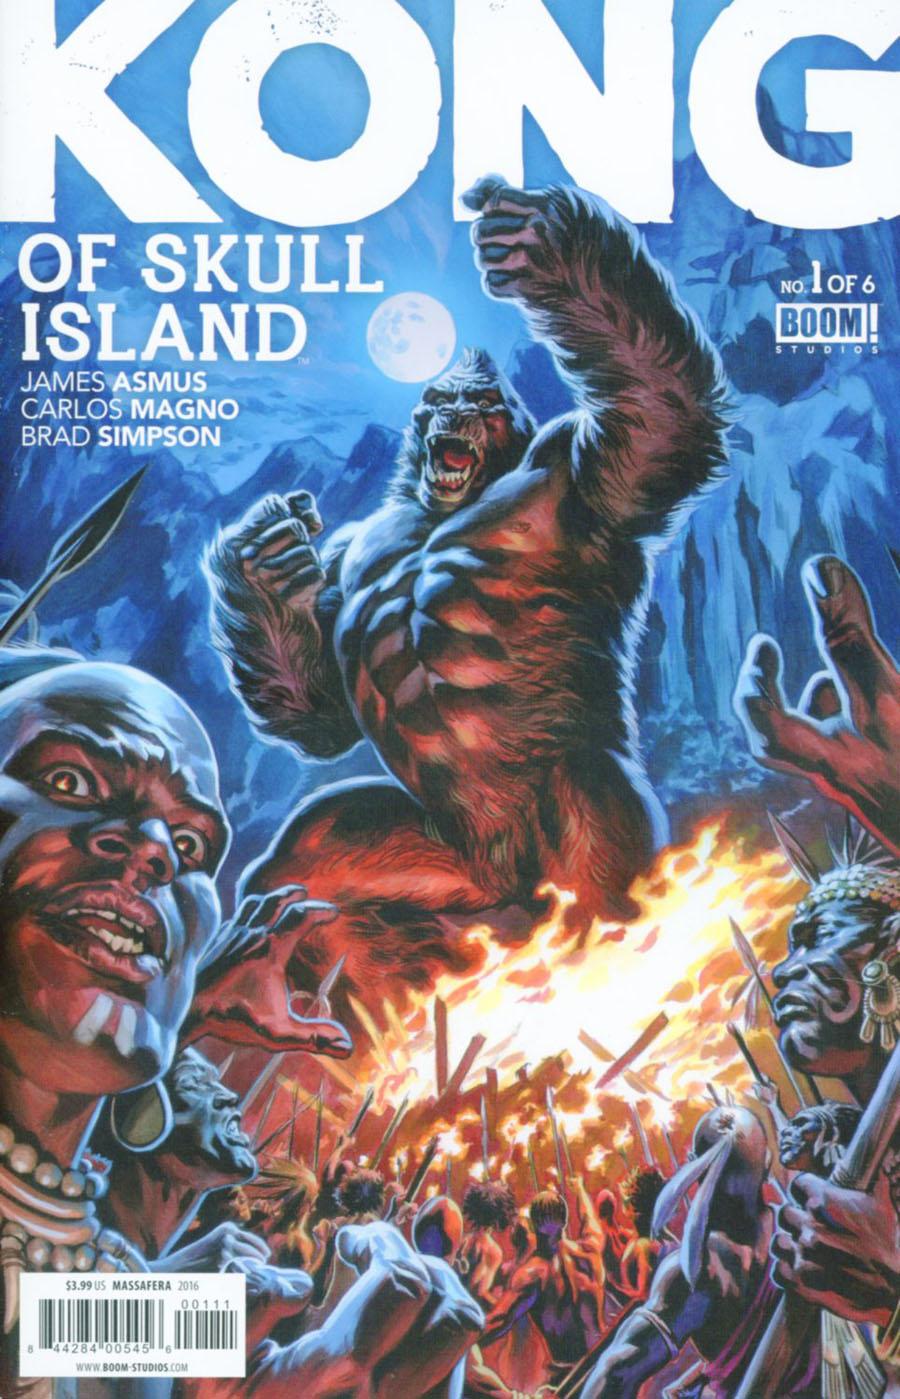 Kong Of Skull Island #1 Cover A Regular Felipe Massafera Cover